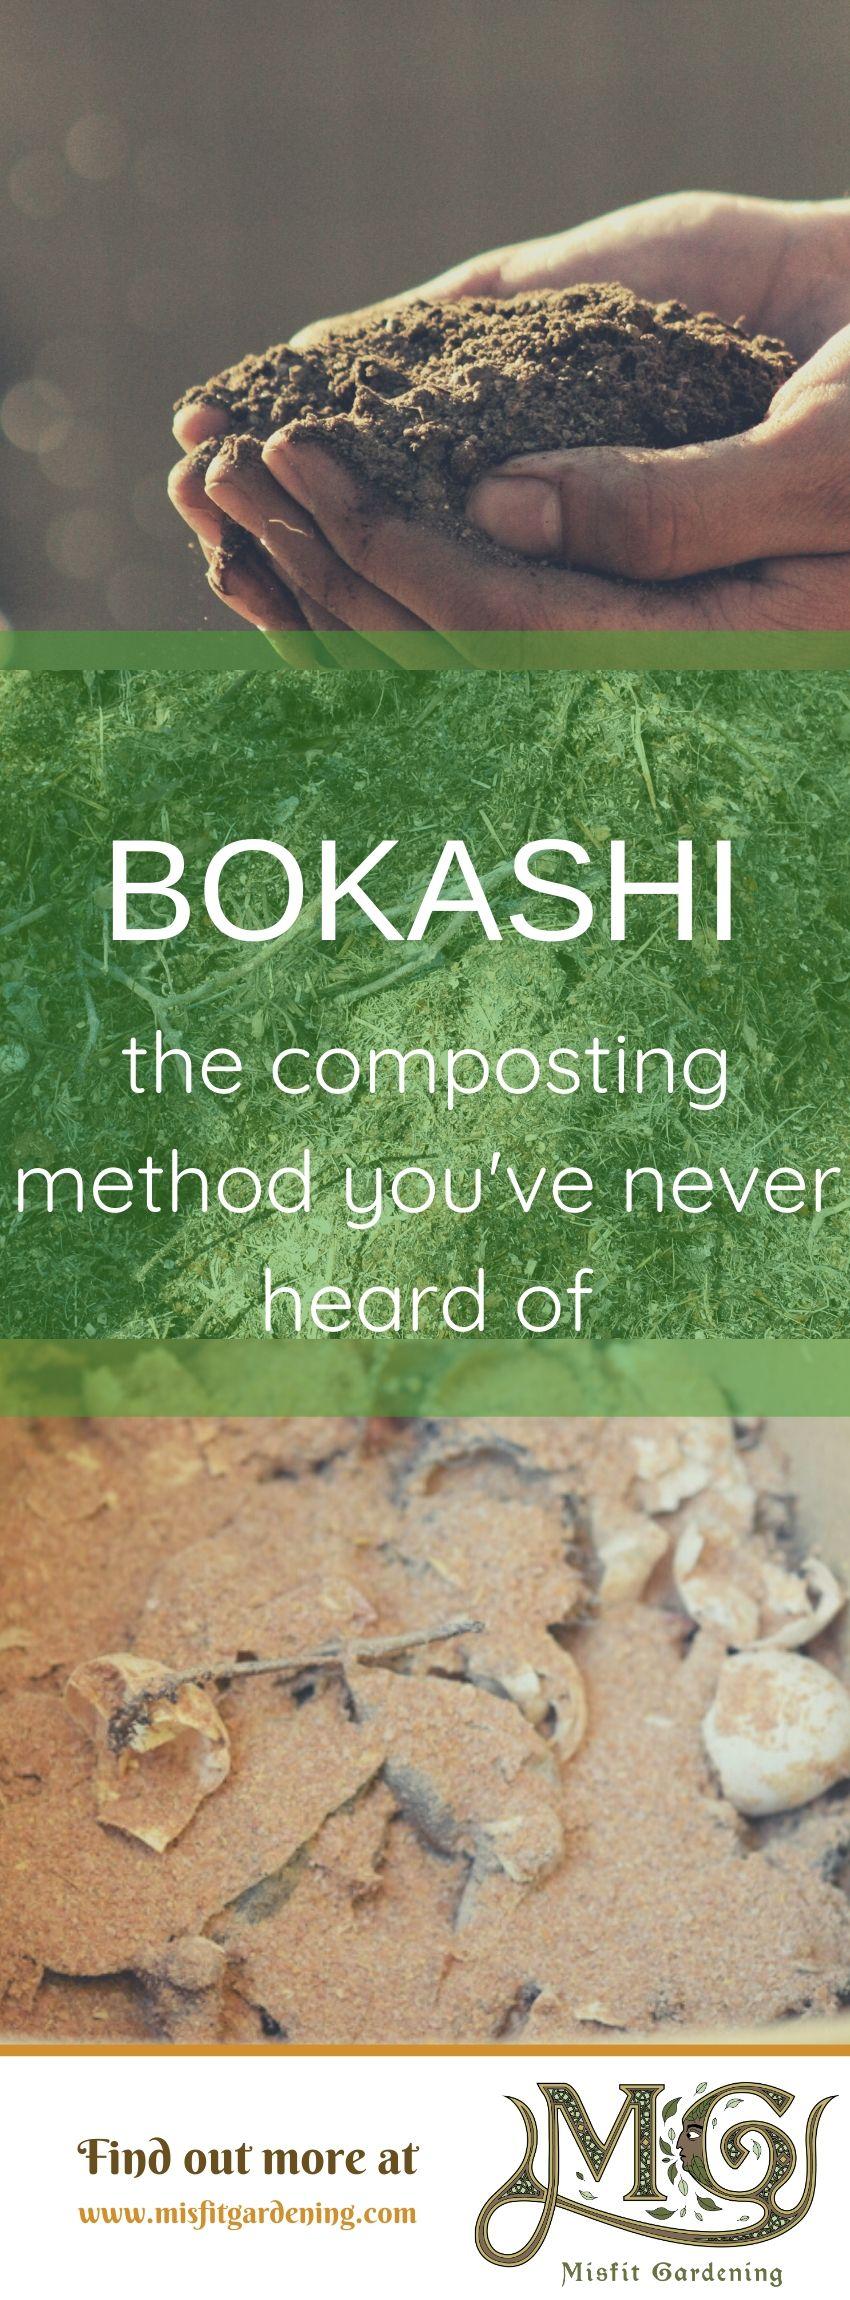 Erfahren Sie, wie Sie mit Bokashi noch mehr kompostieren können. Klicken Sie hier, um mehr über die Bokashi-Kompostierung zu erfahren, oder speichern Sie sie für einen späteren Zeitpunkt. #gardening #nongmo #homestead